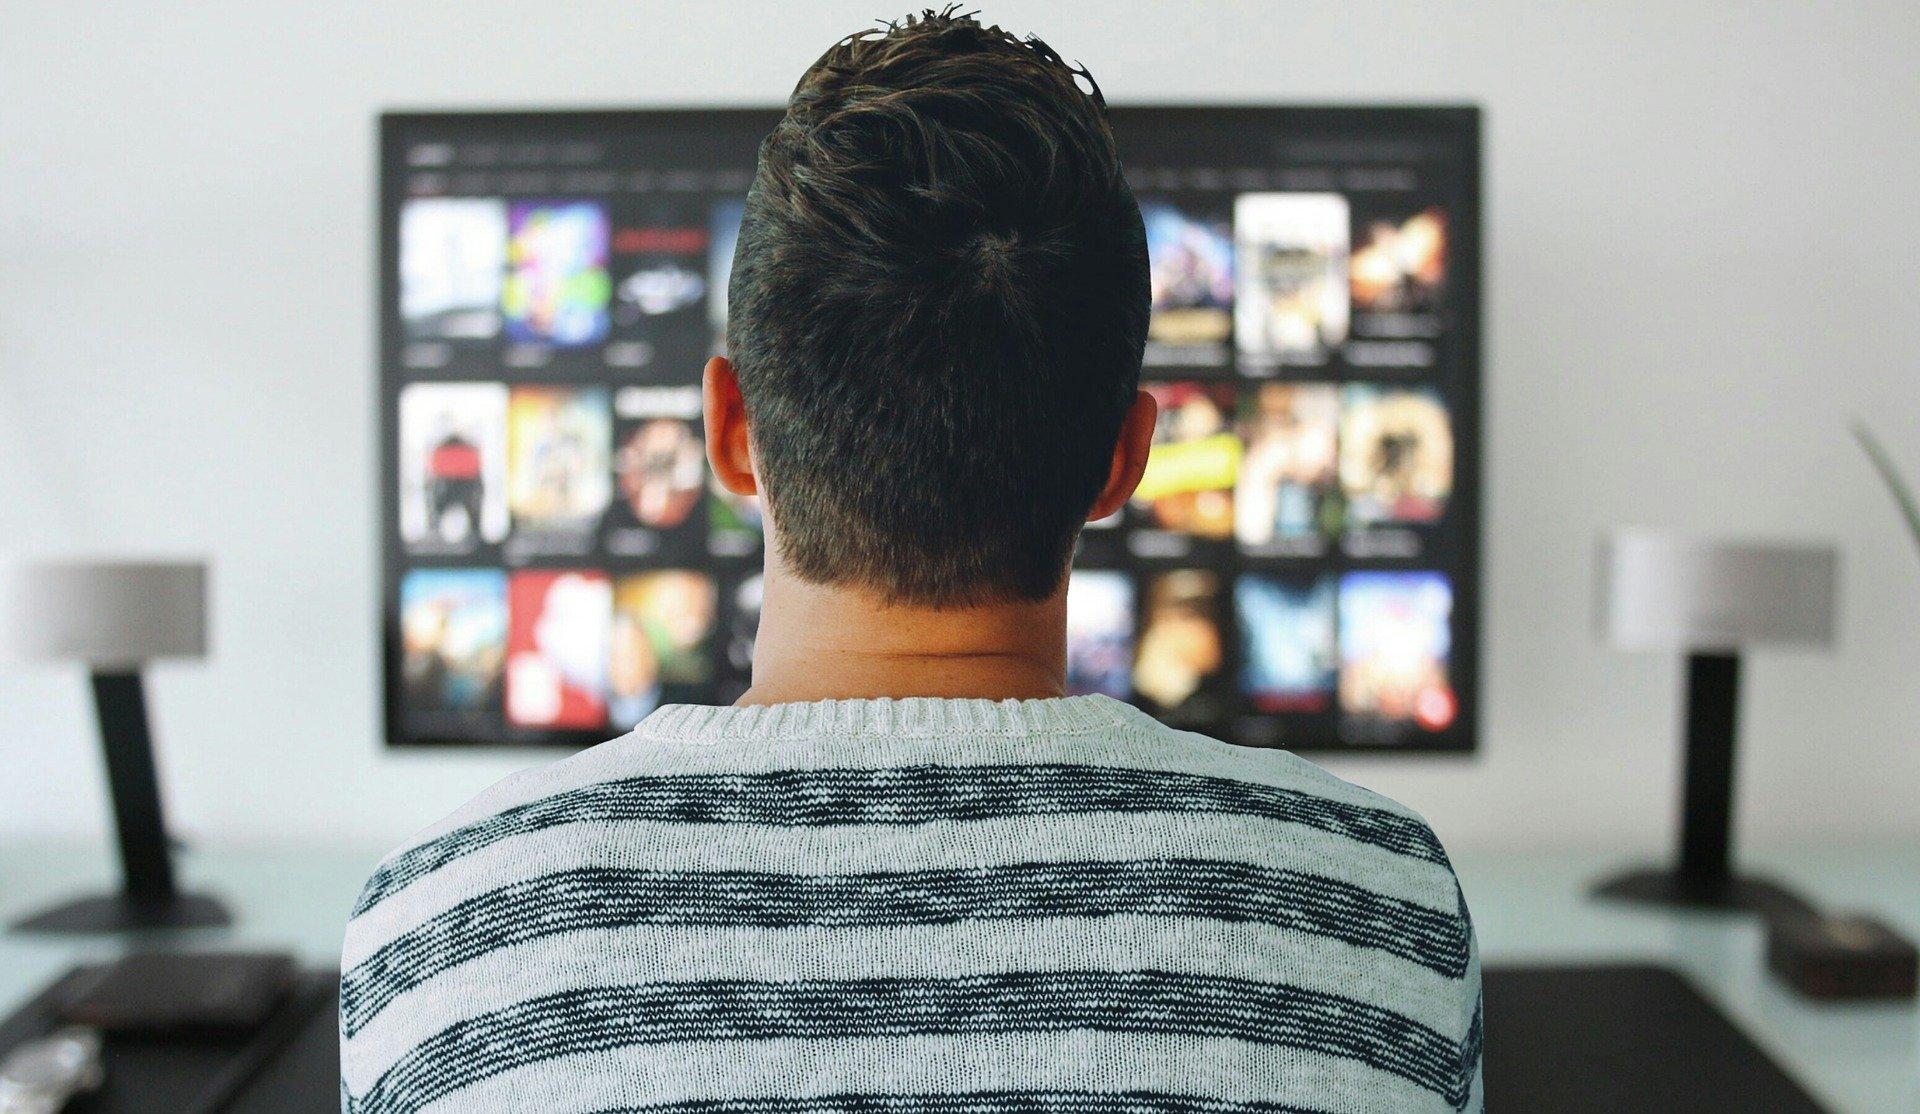 11x films op Netflix mét inhoud om over na te denken